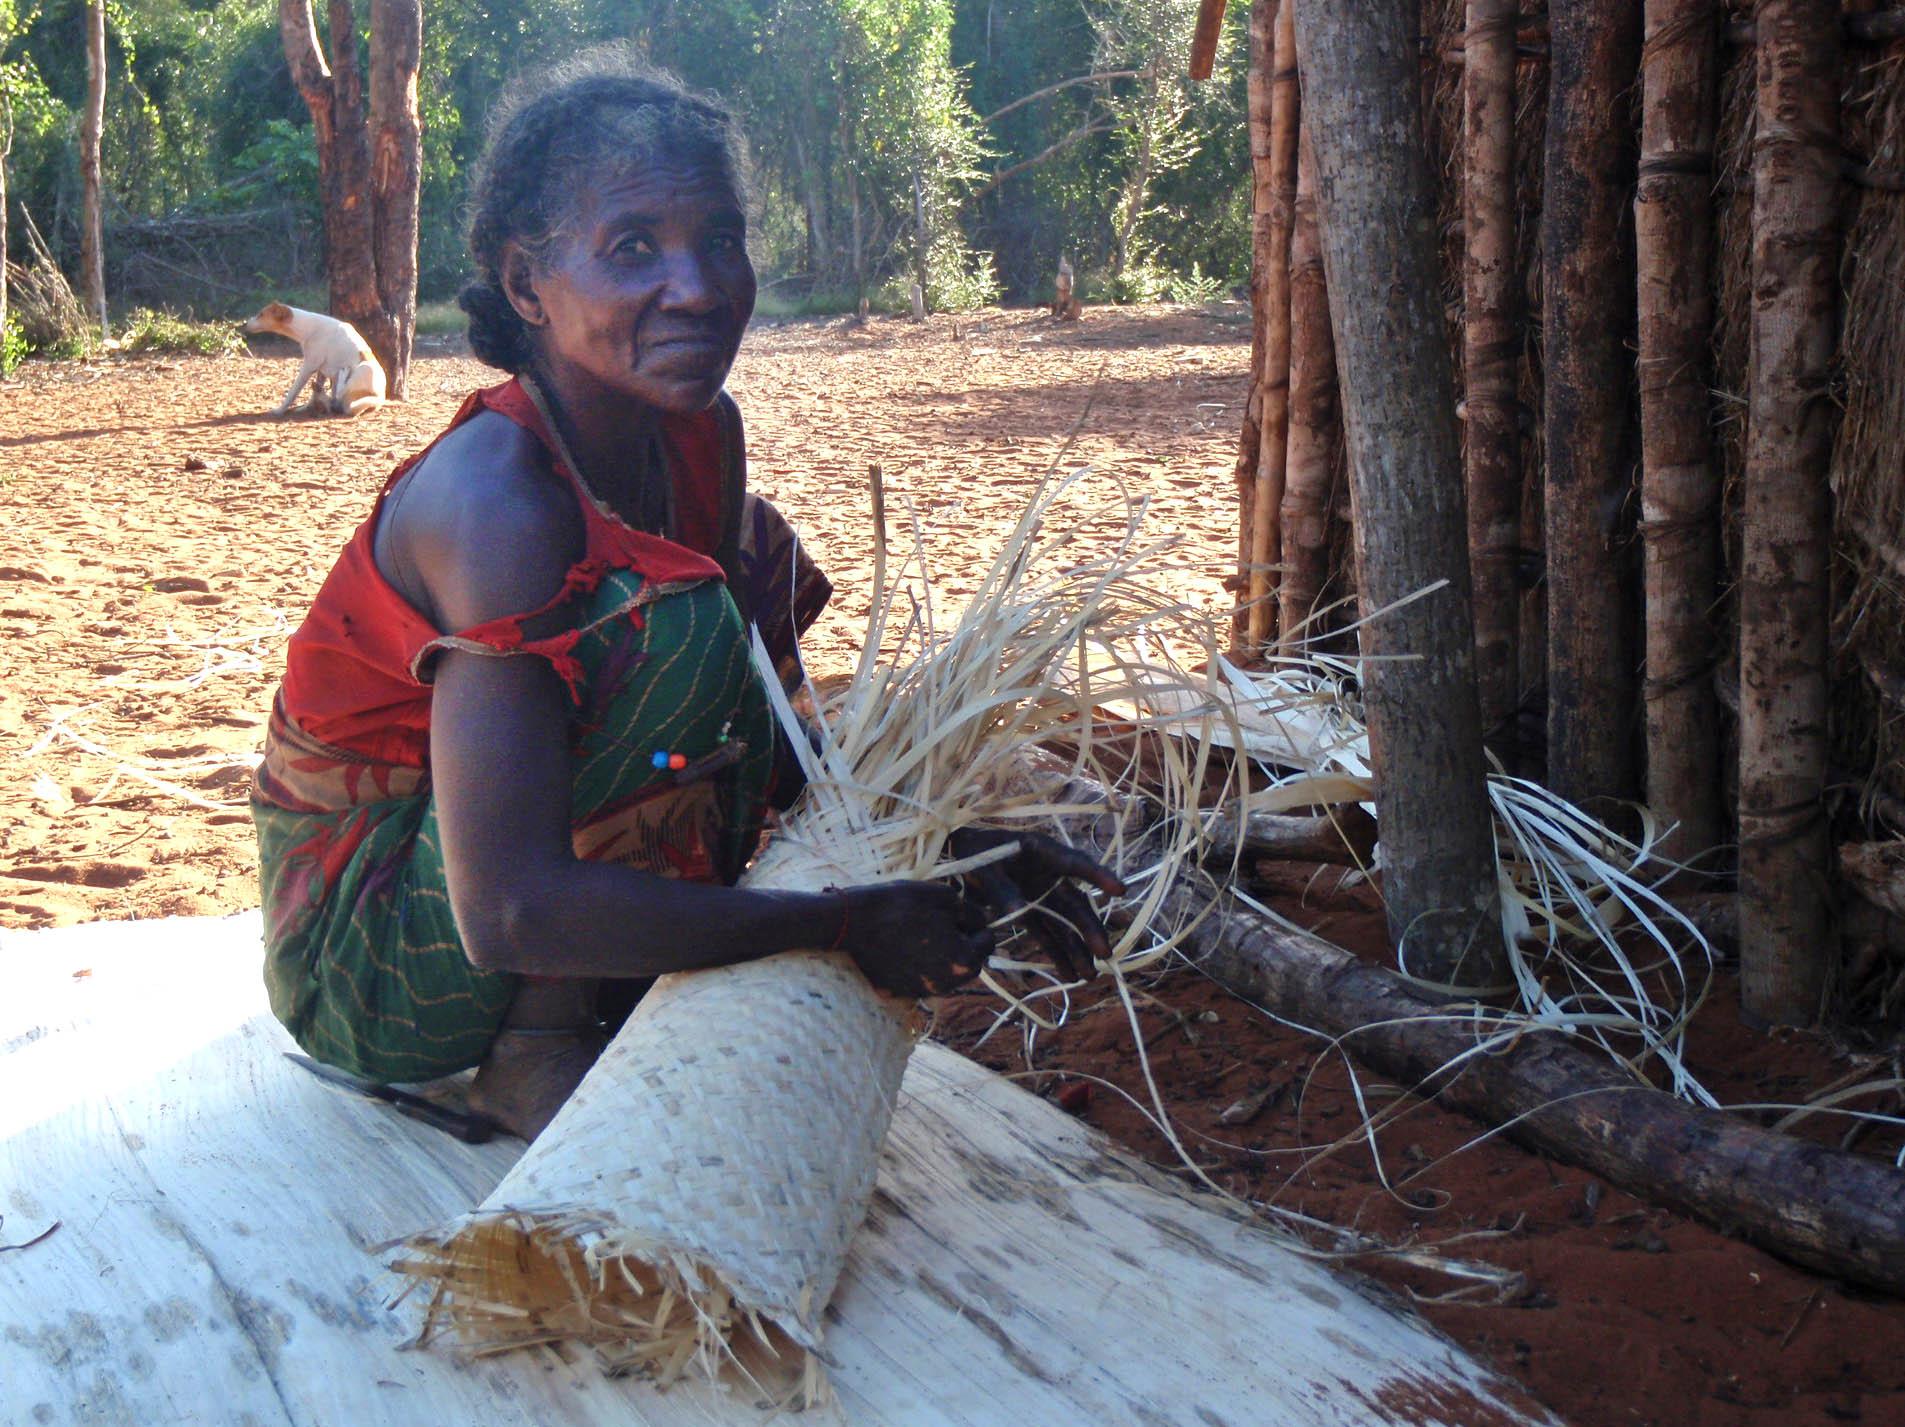 Siliramo, 1ère dame du groupe, femme du chef Fandahara, qui fait des nattes en d'écorce de baobab.